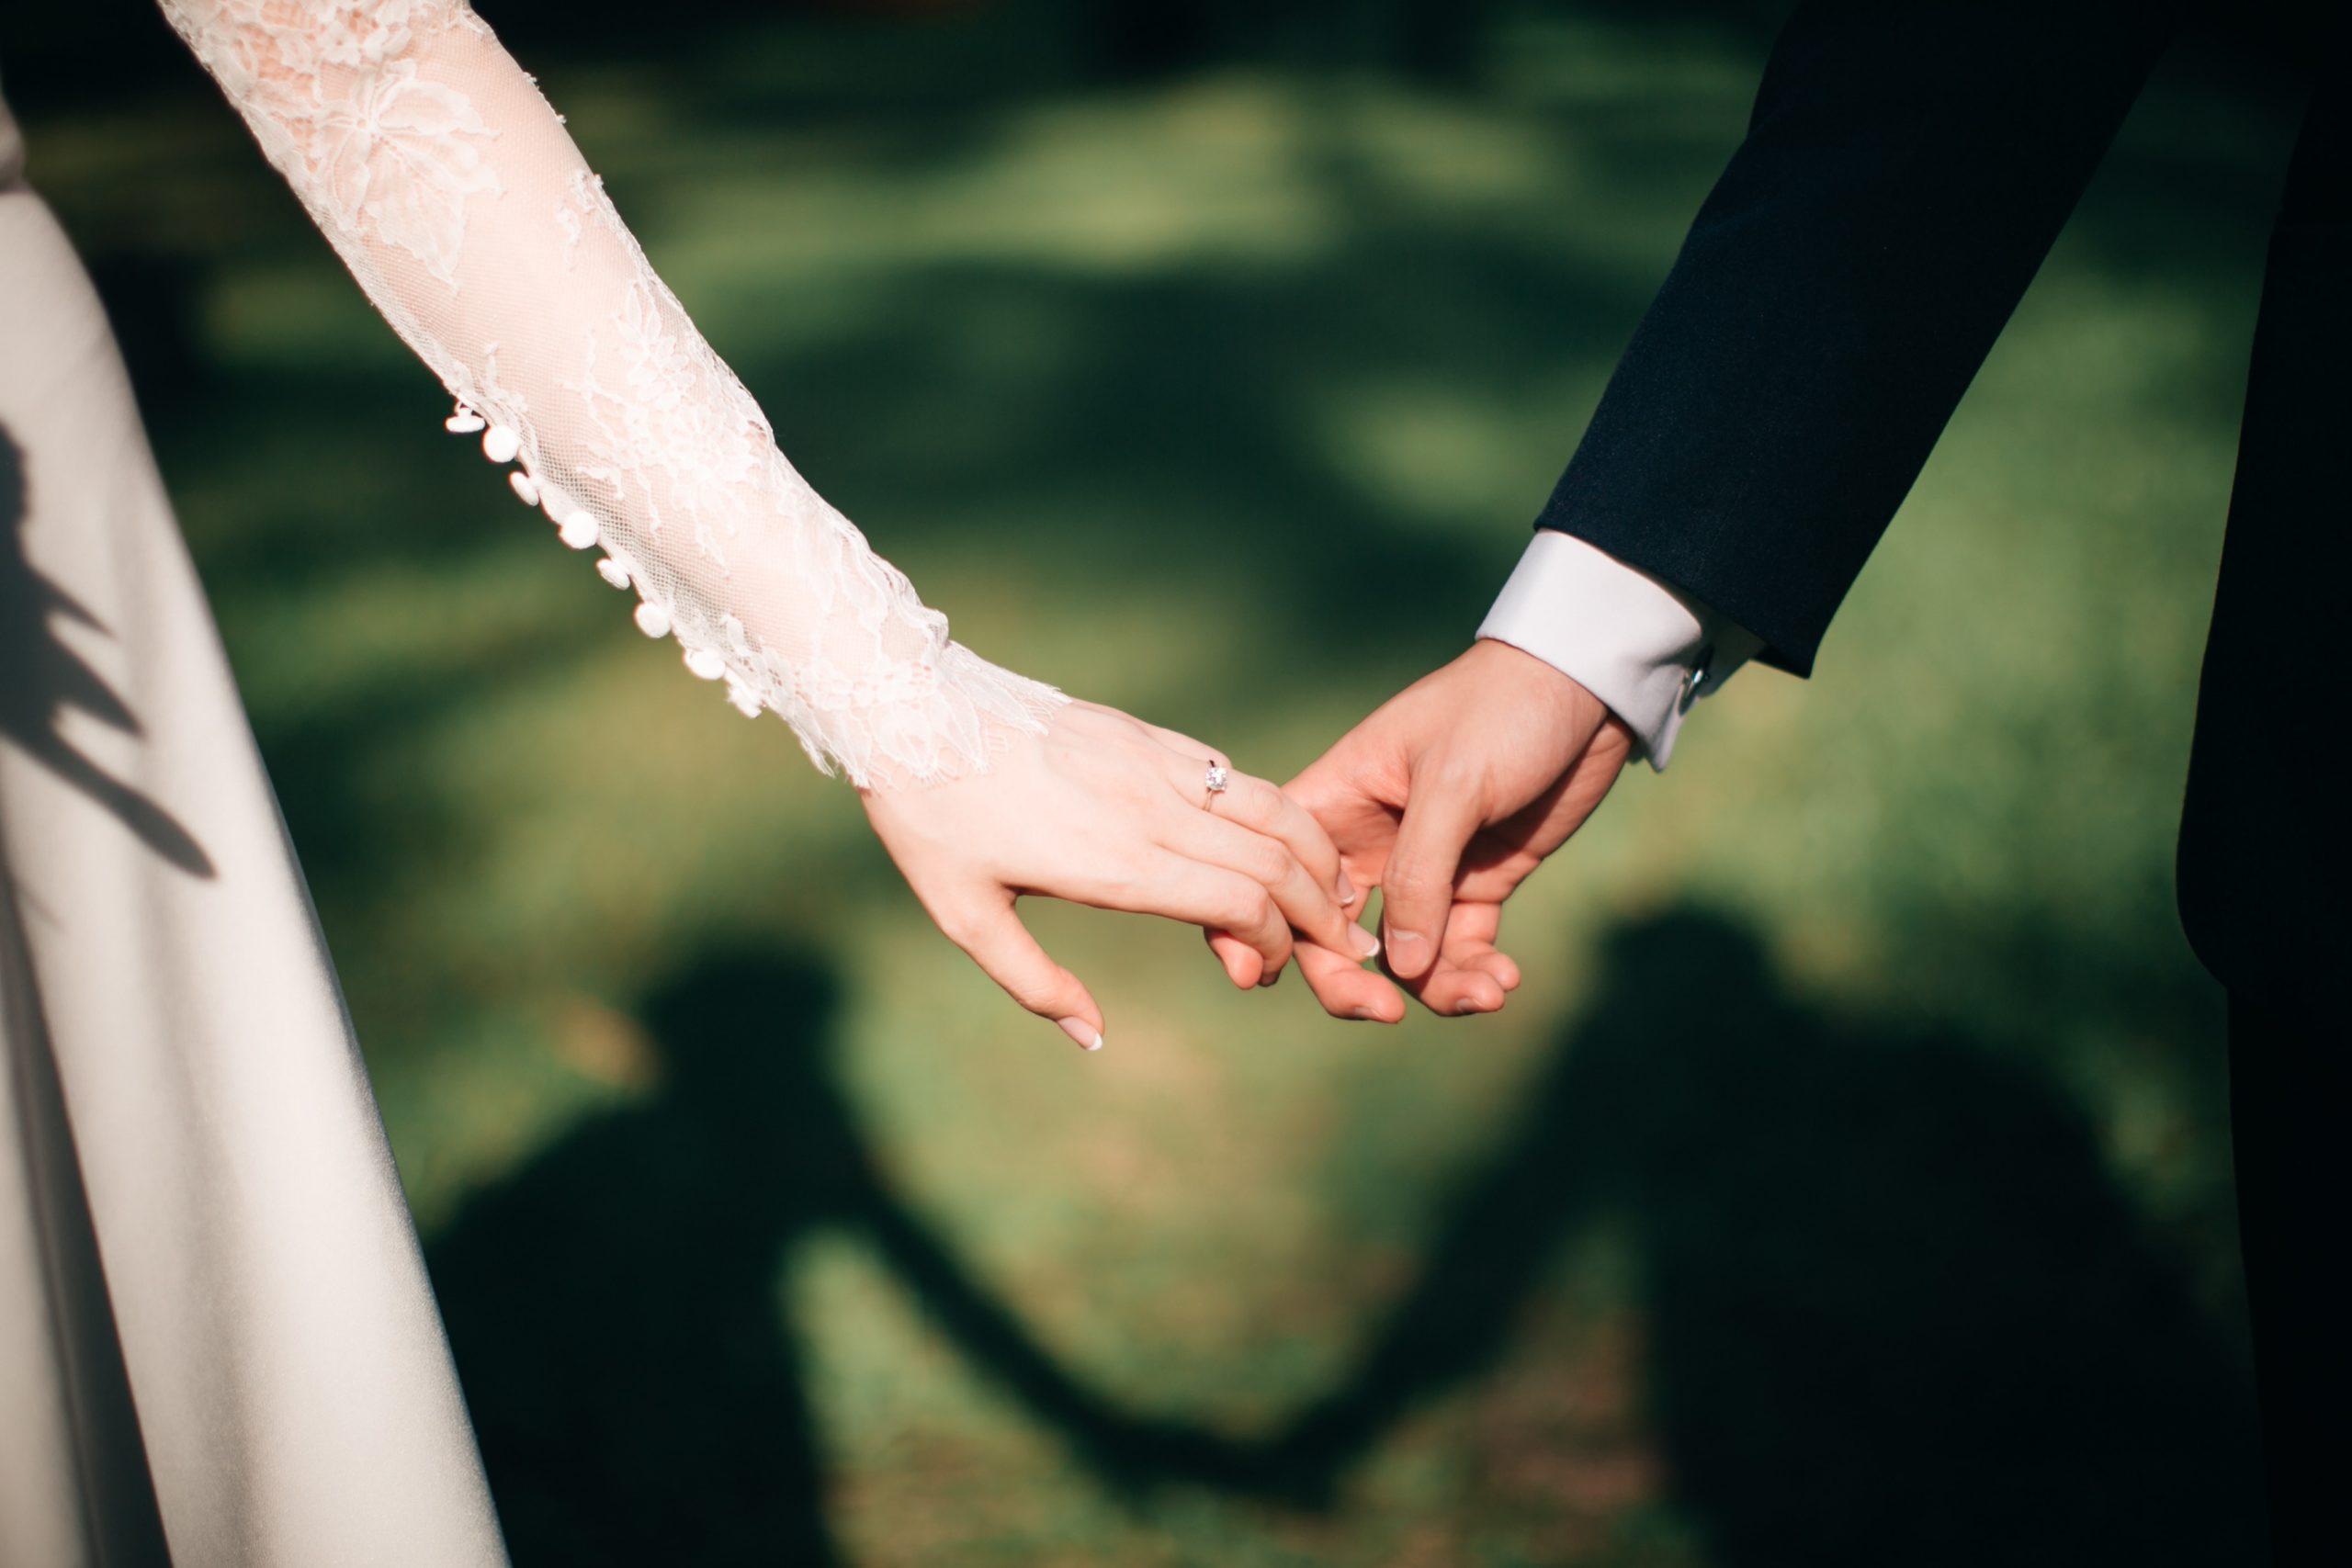 婚約破棄が辛い…そしてその後色々と不安…鬱になった時の対処法は?